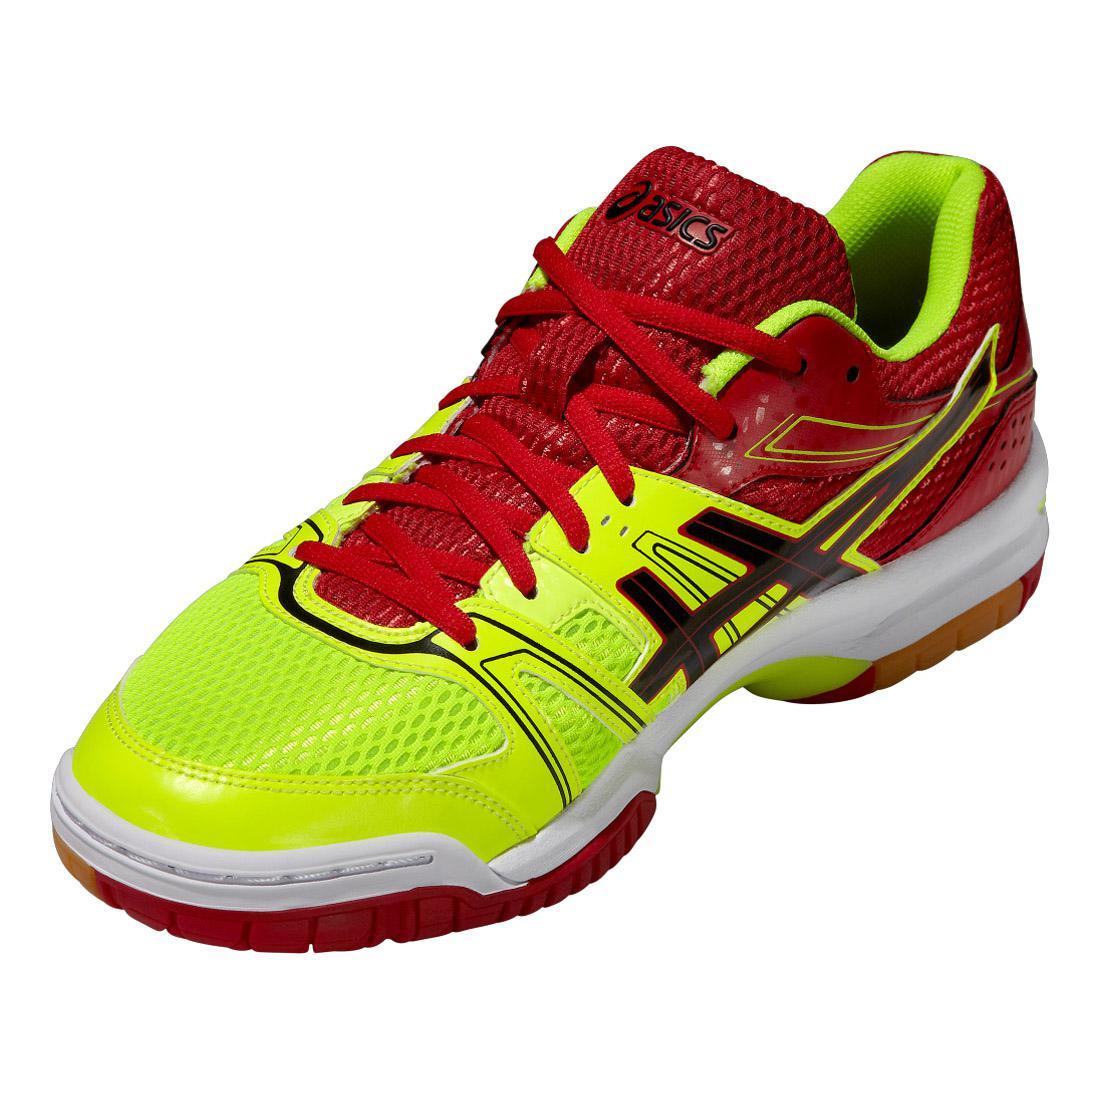 6f053003d2 Asics Mens GEL Rocket 7 Indoor Court Shoes - Yellow Red - Tennisnuts.com